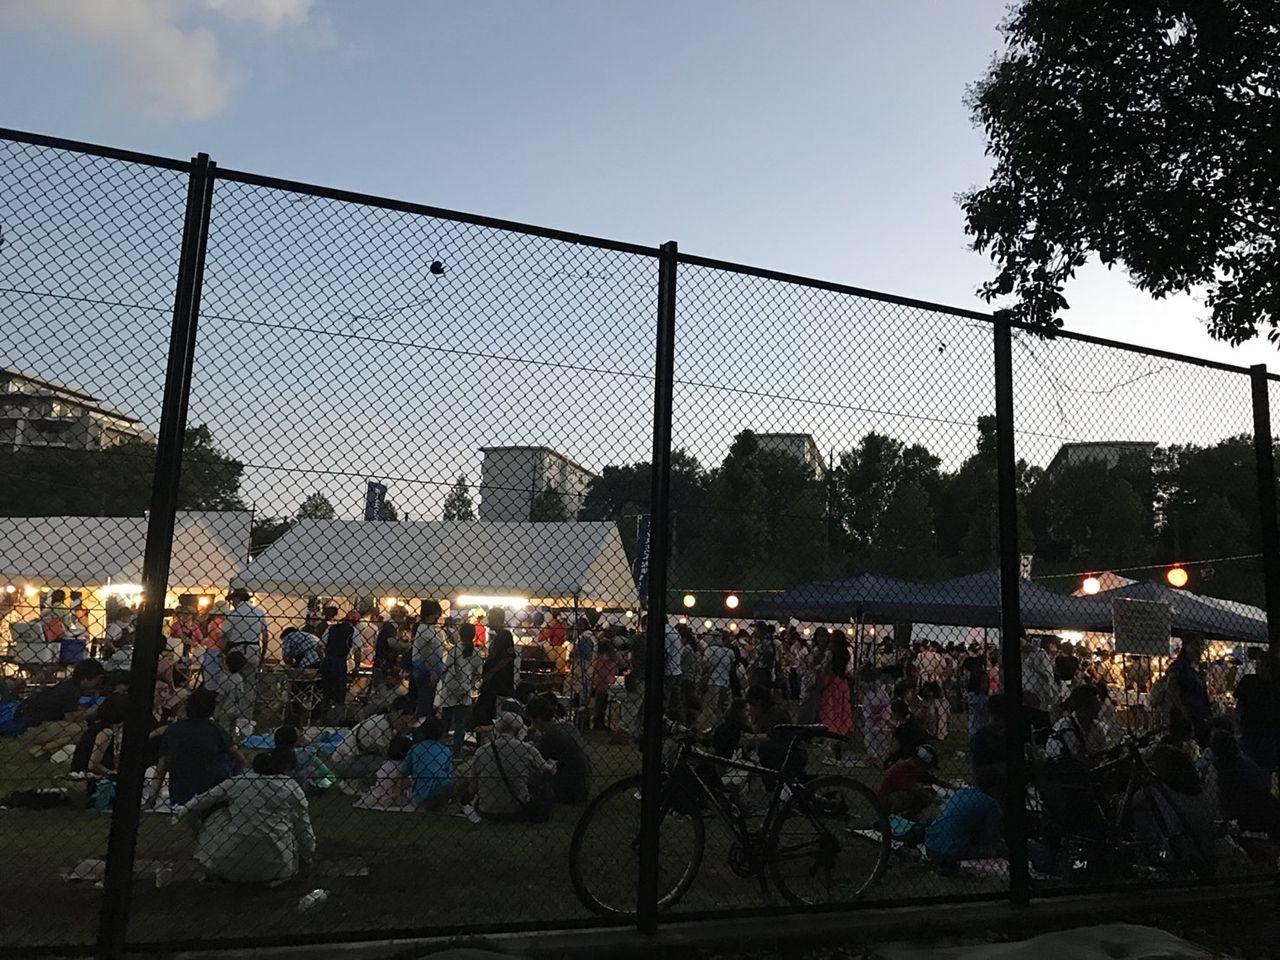 2018年たまプラーザ夏まつり・盆踊り会場